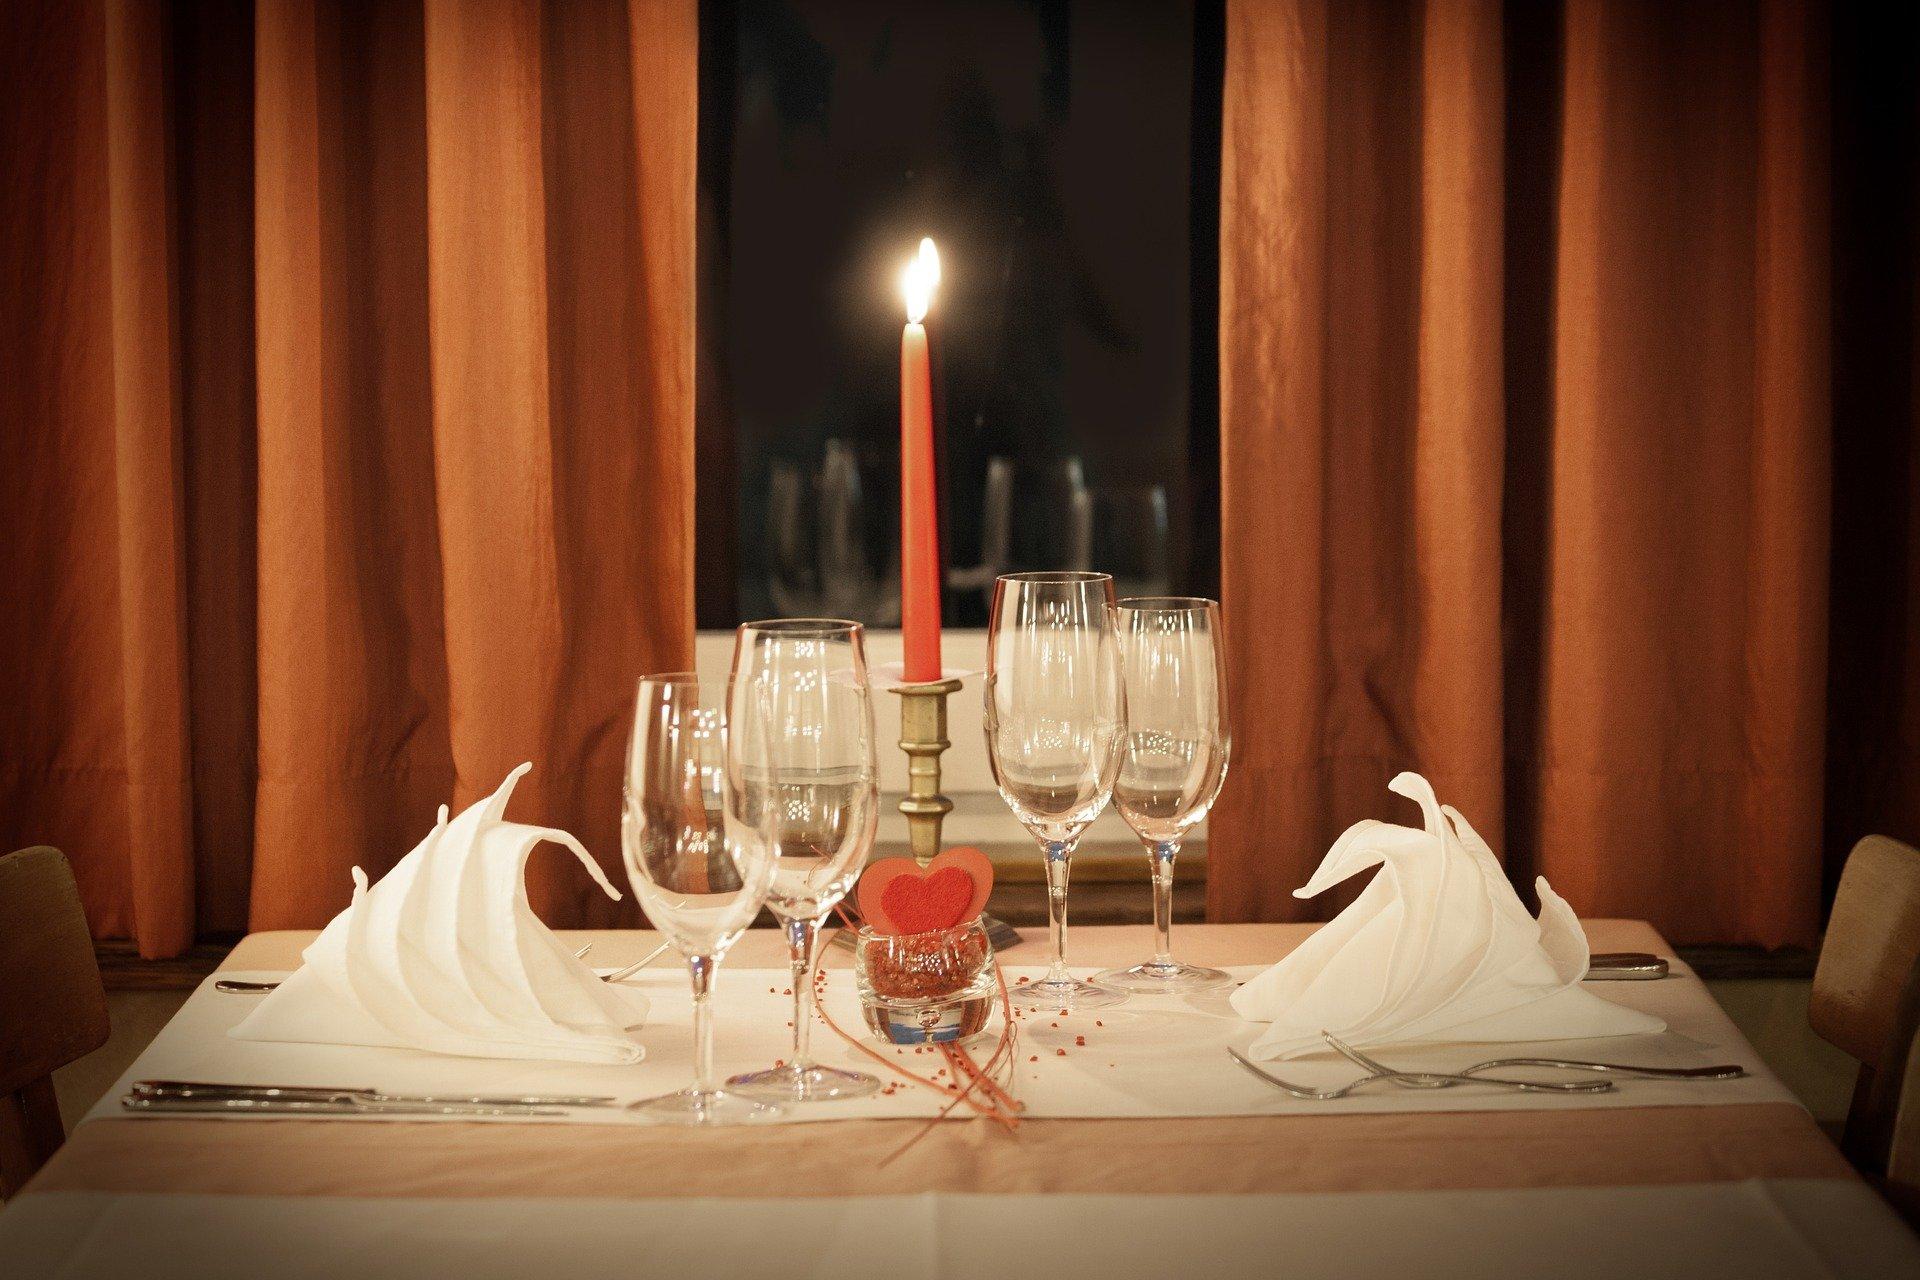 Værter/værtinder søges til Candlelight Dinner